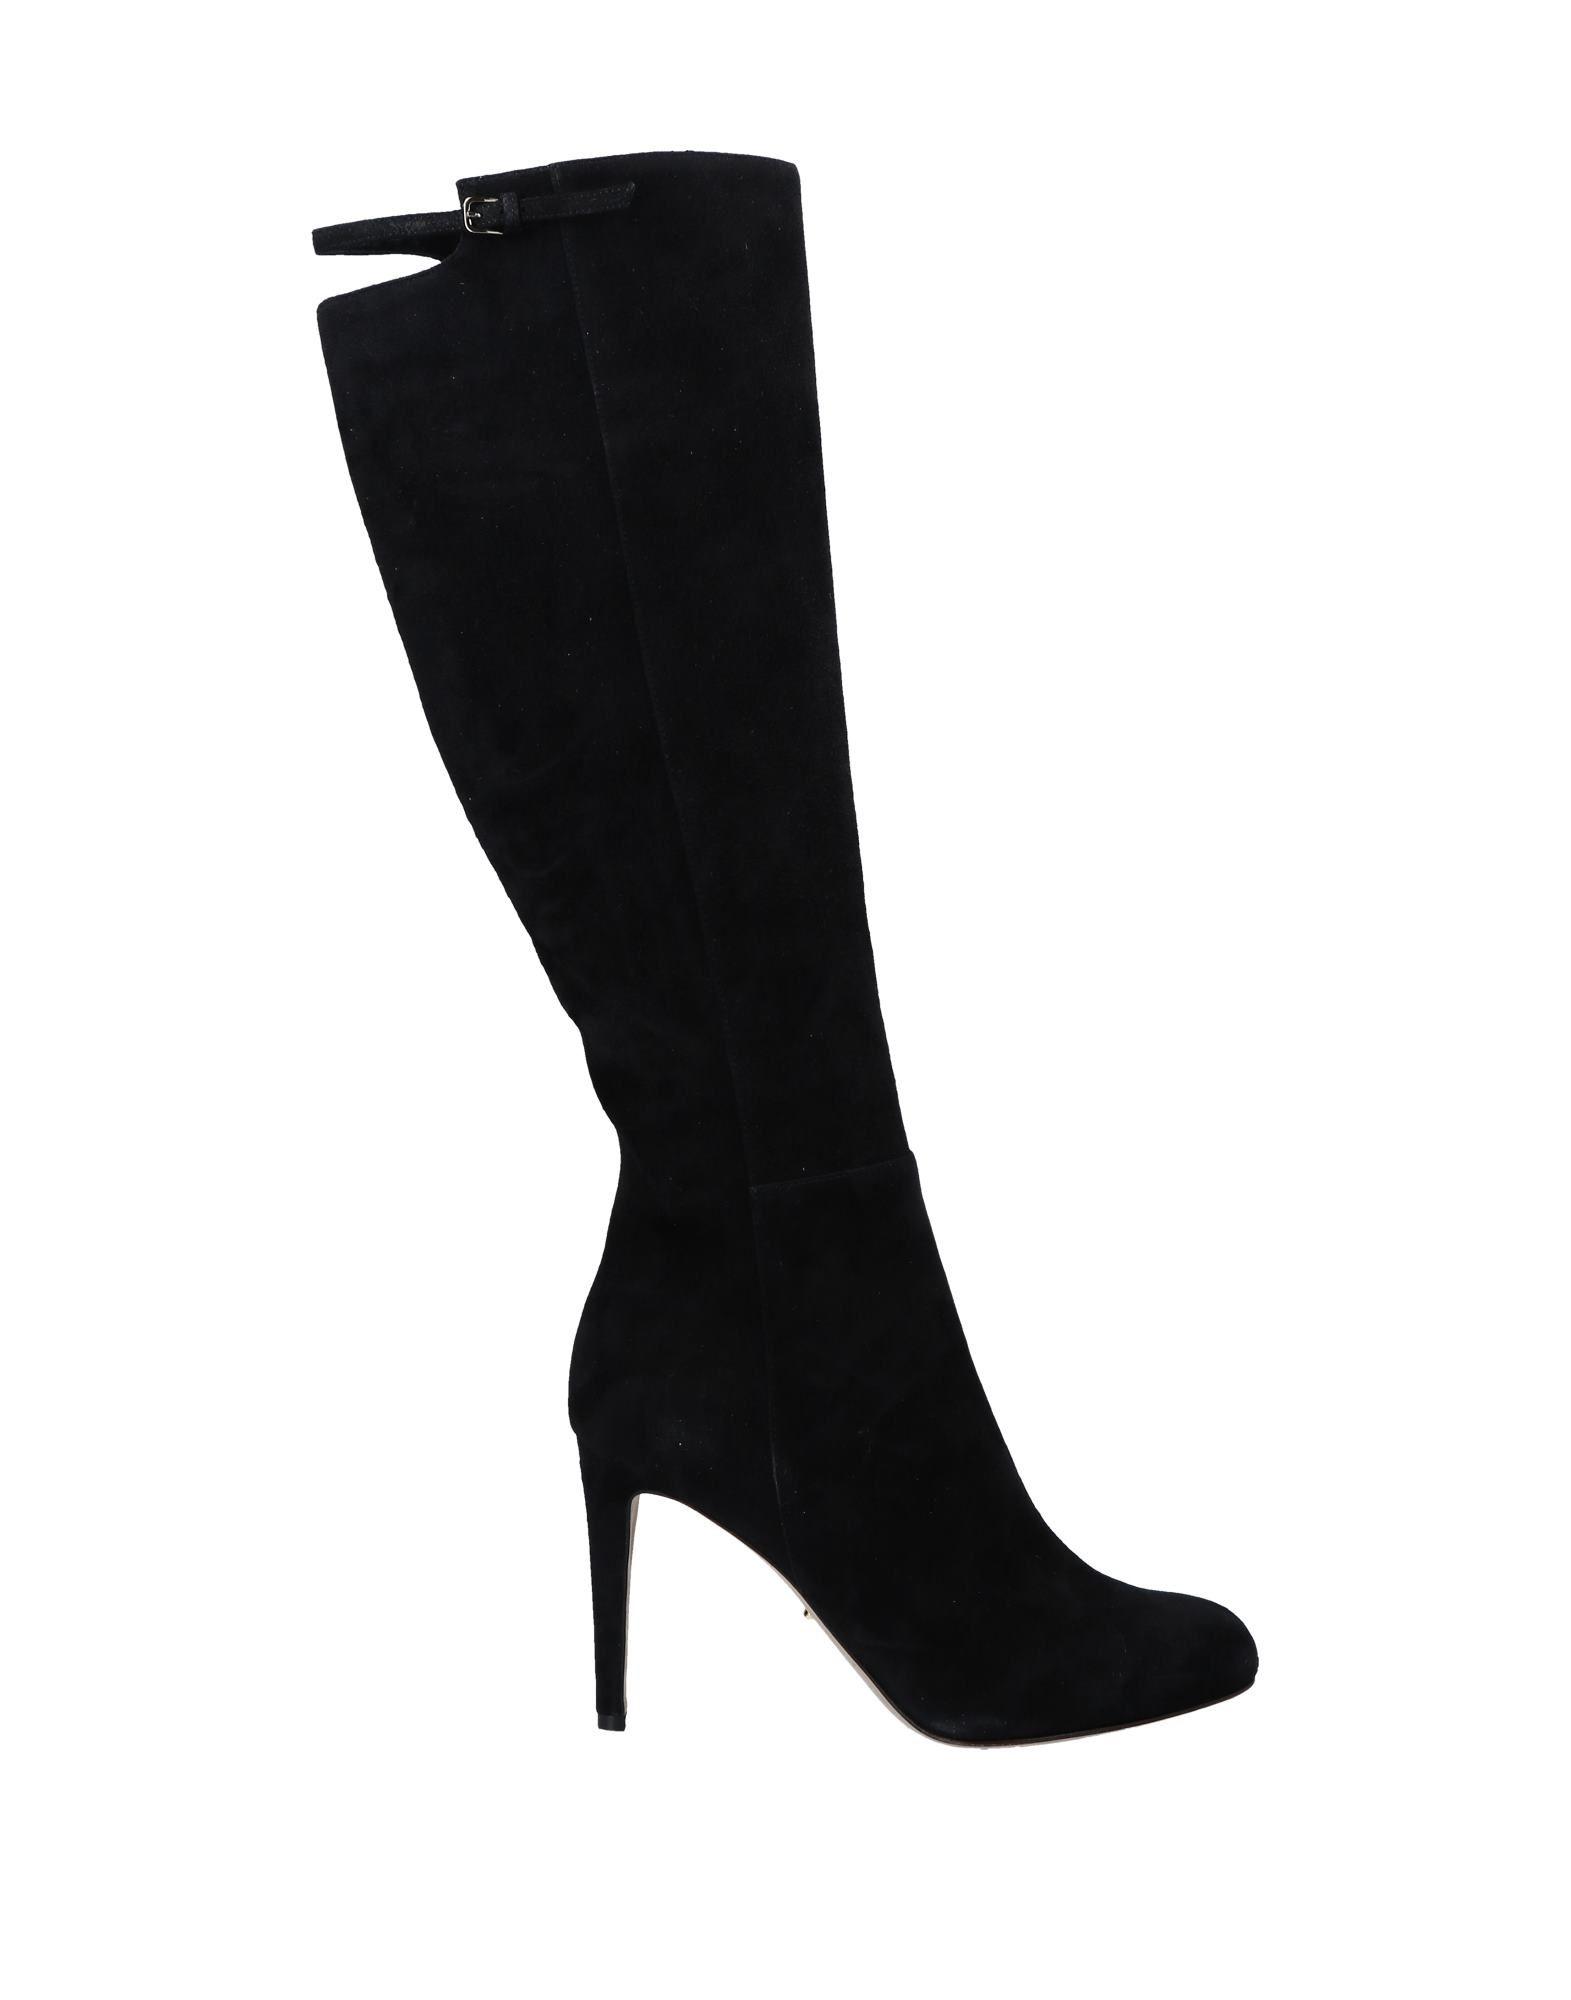 Sergio Sergio Rossi Boots - Women Sergio Sergio Rossi Boots online on  United Kingdom - 11530985UU 021909